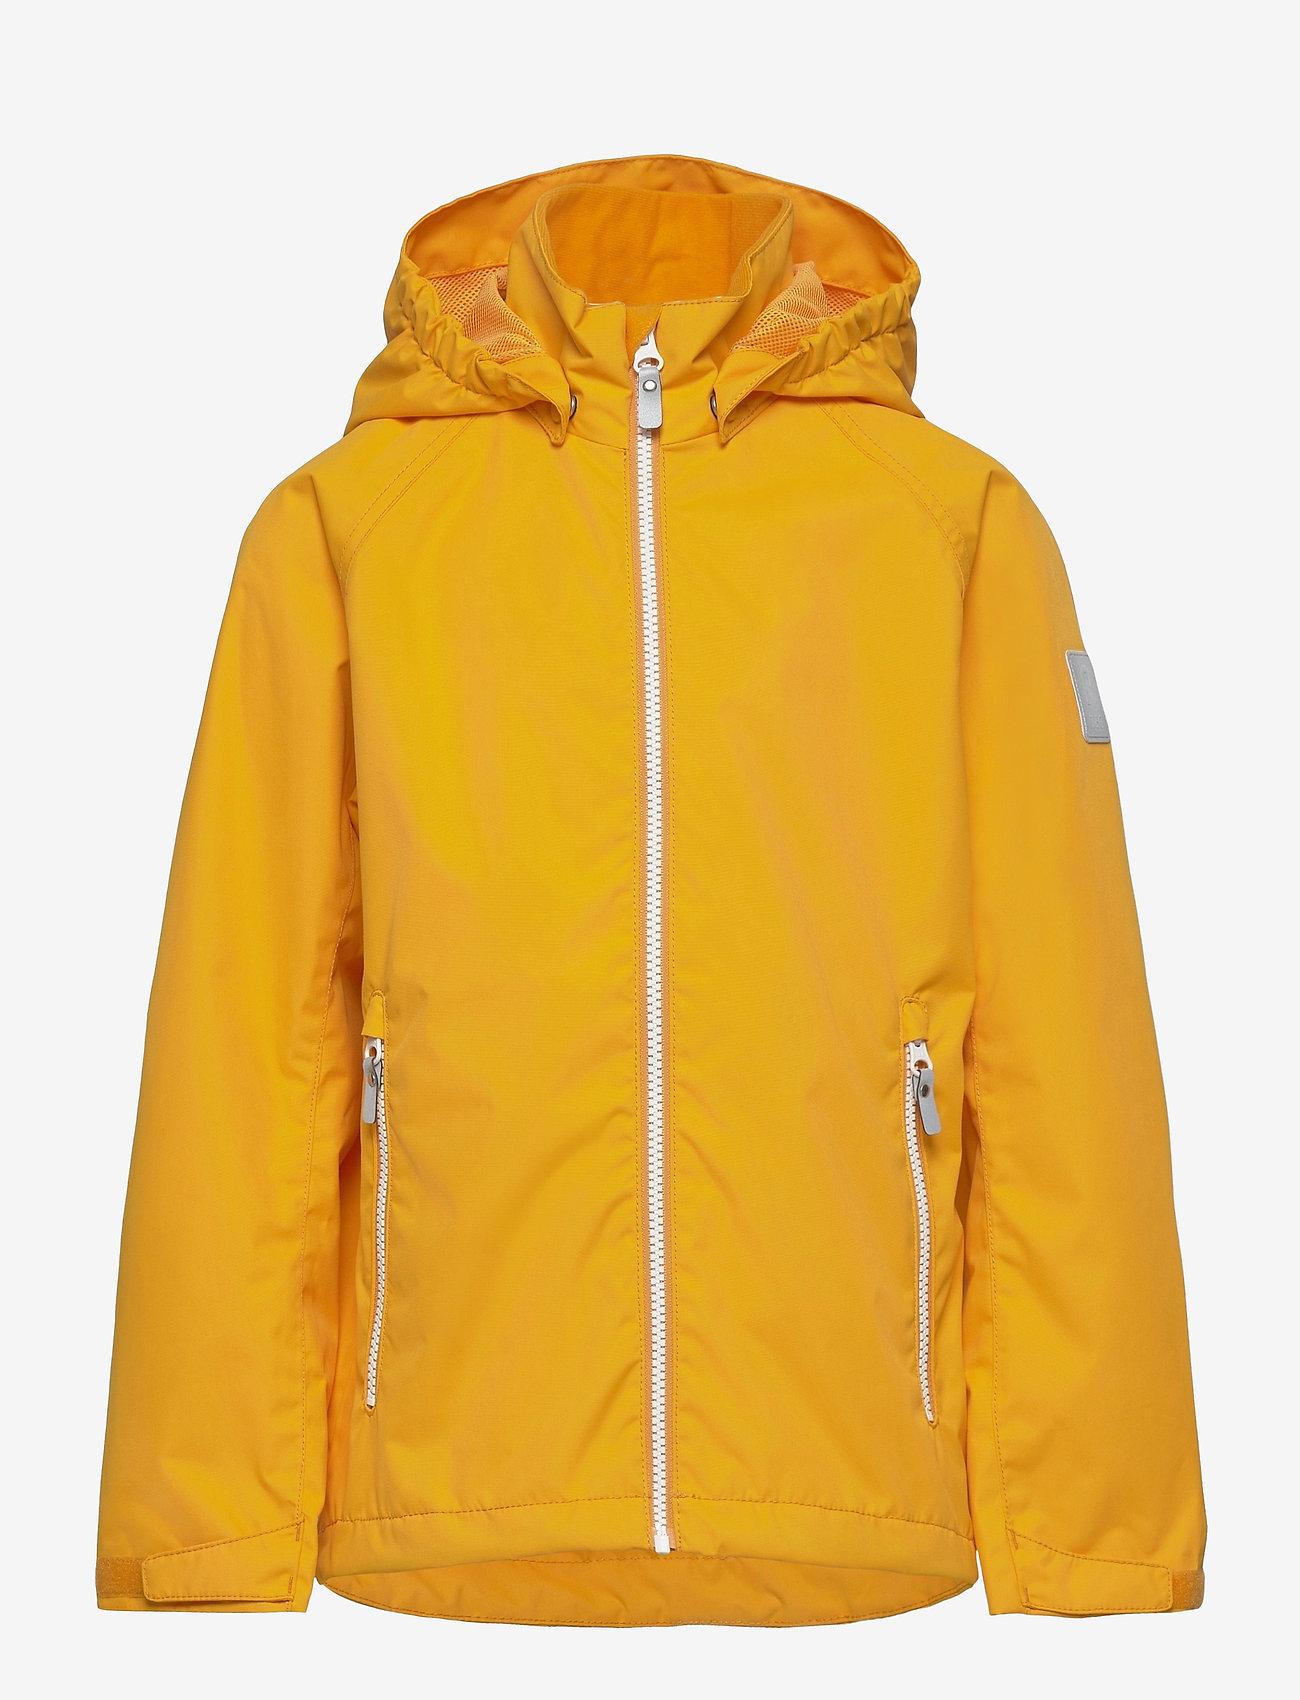 Reima - Soutu - jassen - orange yellow - 0